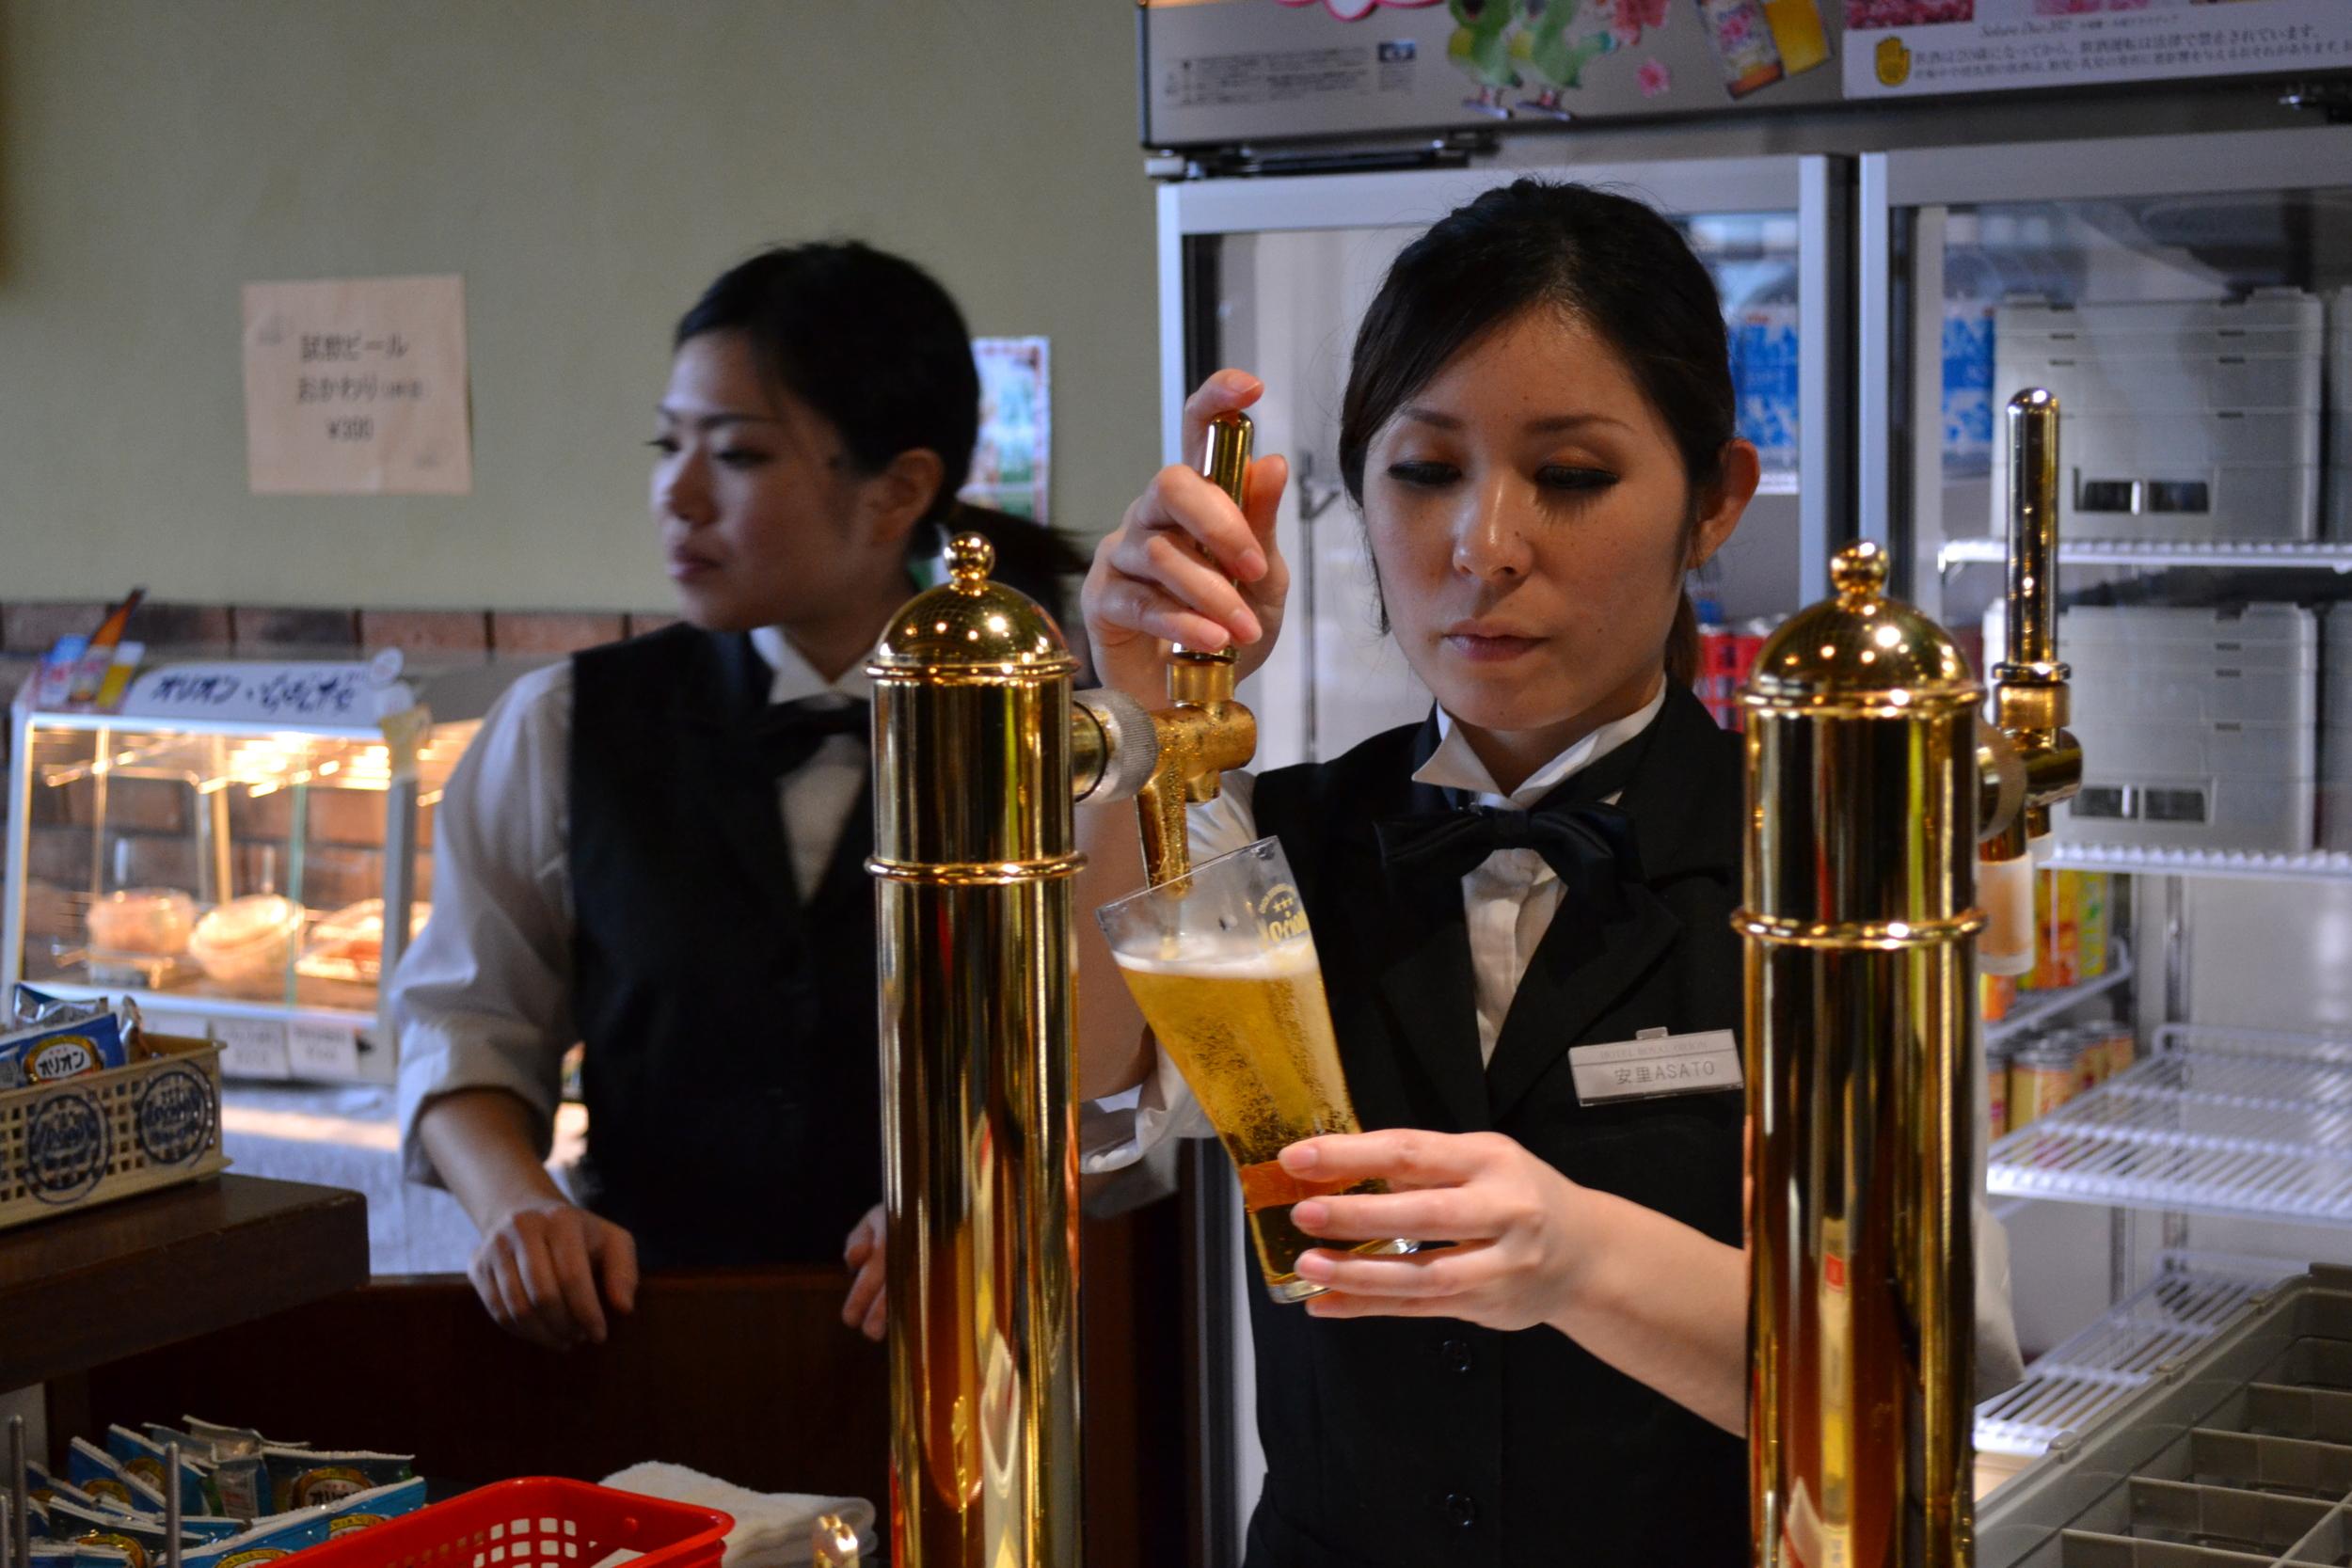 Así como en el norte de Japón se toma la cerveza 'Sapporo', en Okinawa y el sur de Japón se toma 'Orion'.